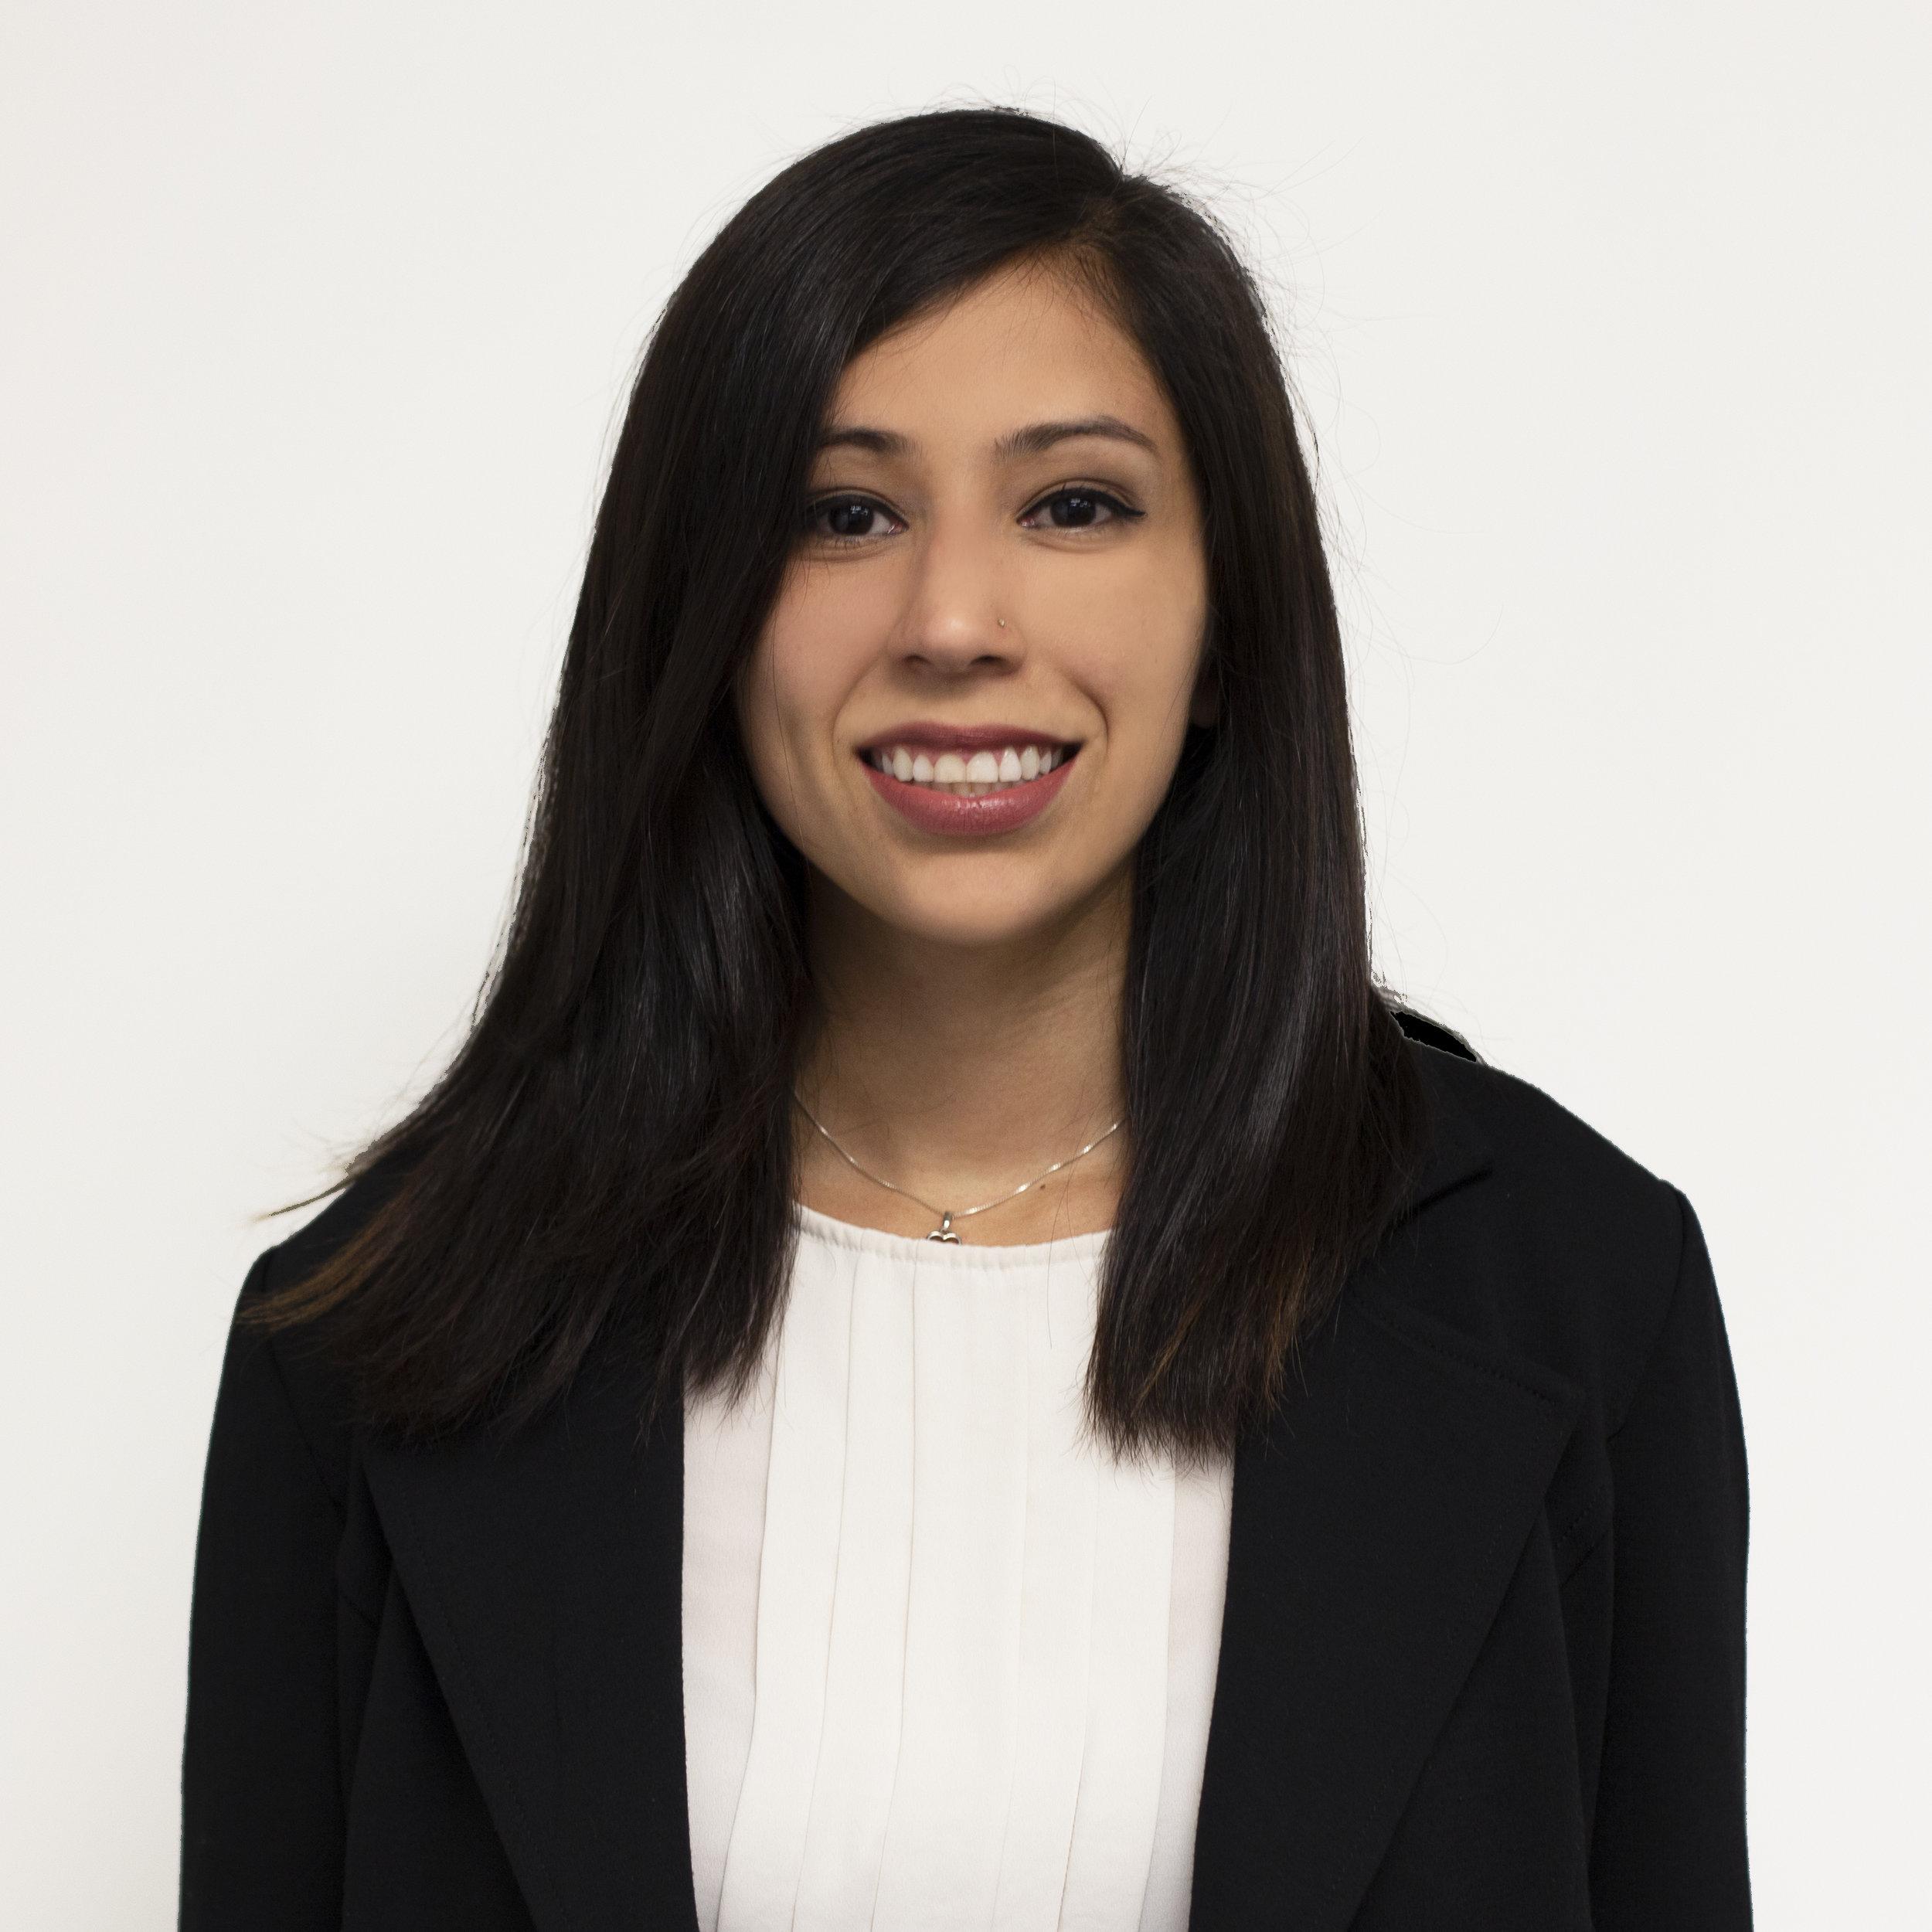 Angela Zuniga Panoptic Development